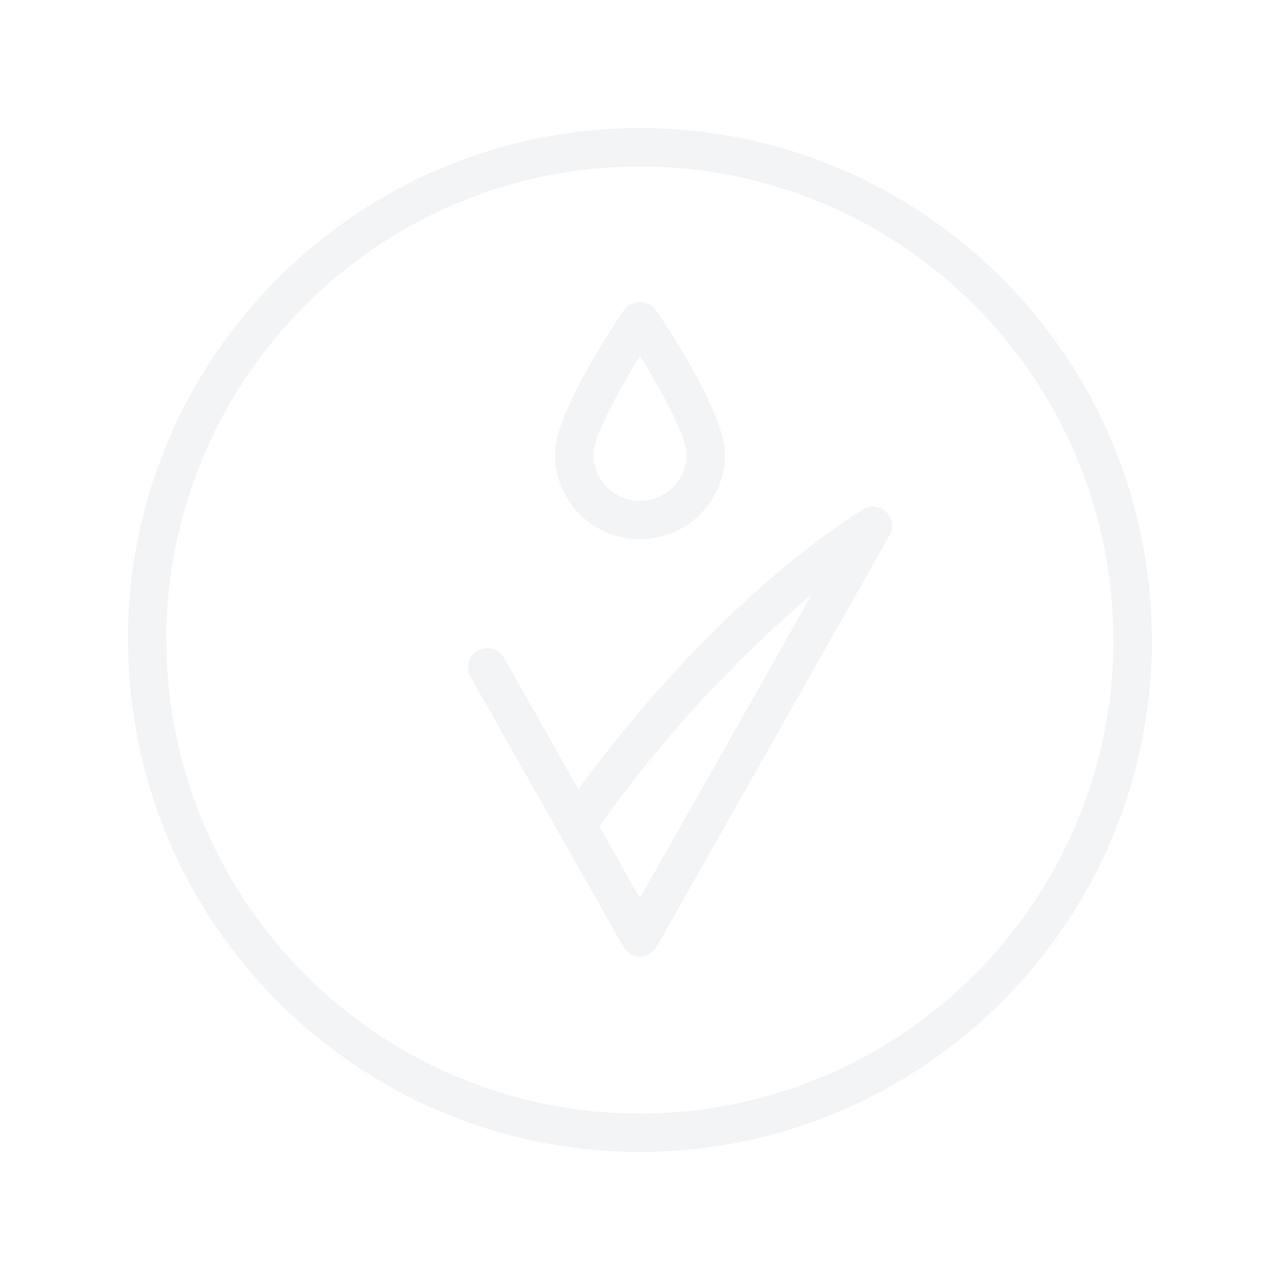 OMA Sheer Tint Protective Lip Balm Blush 4.3g